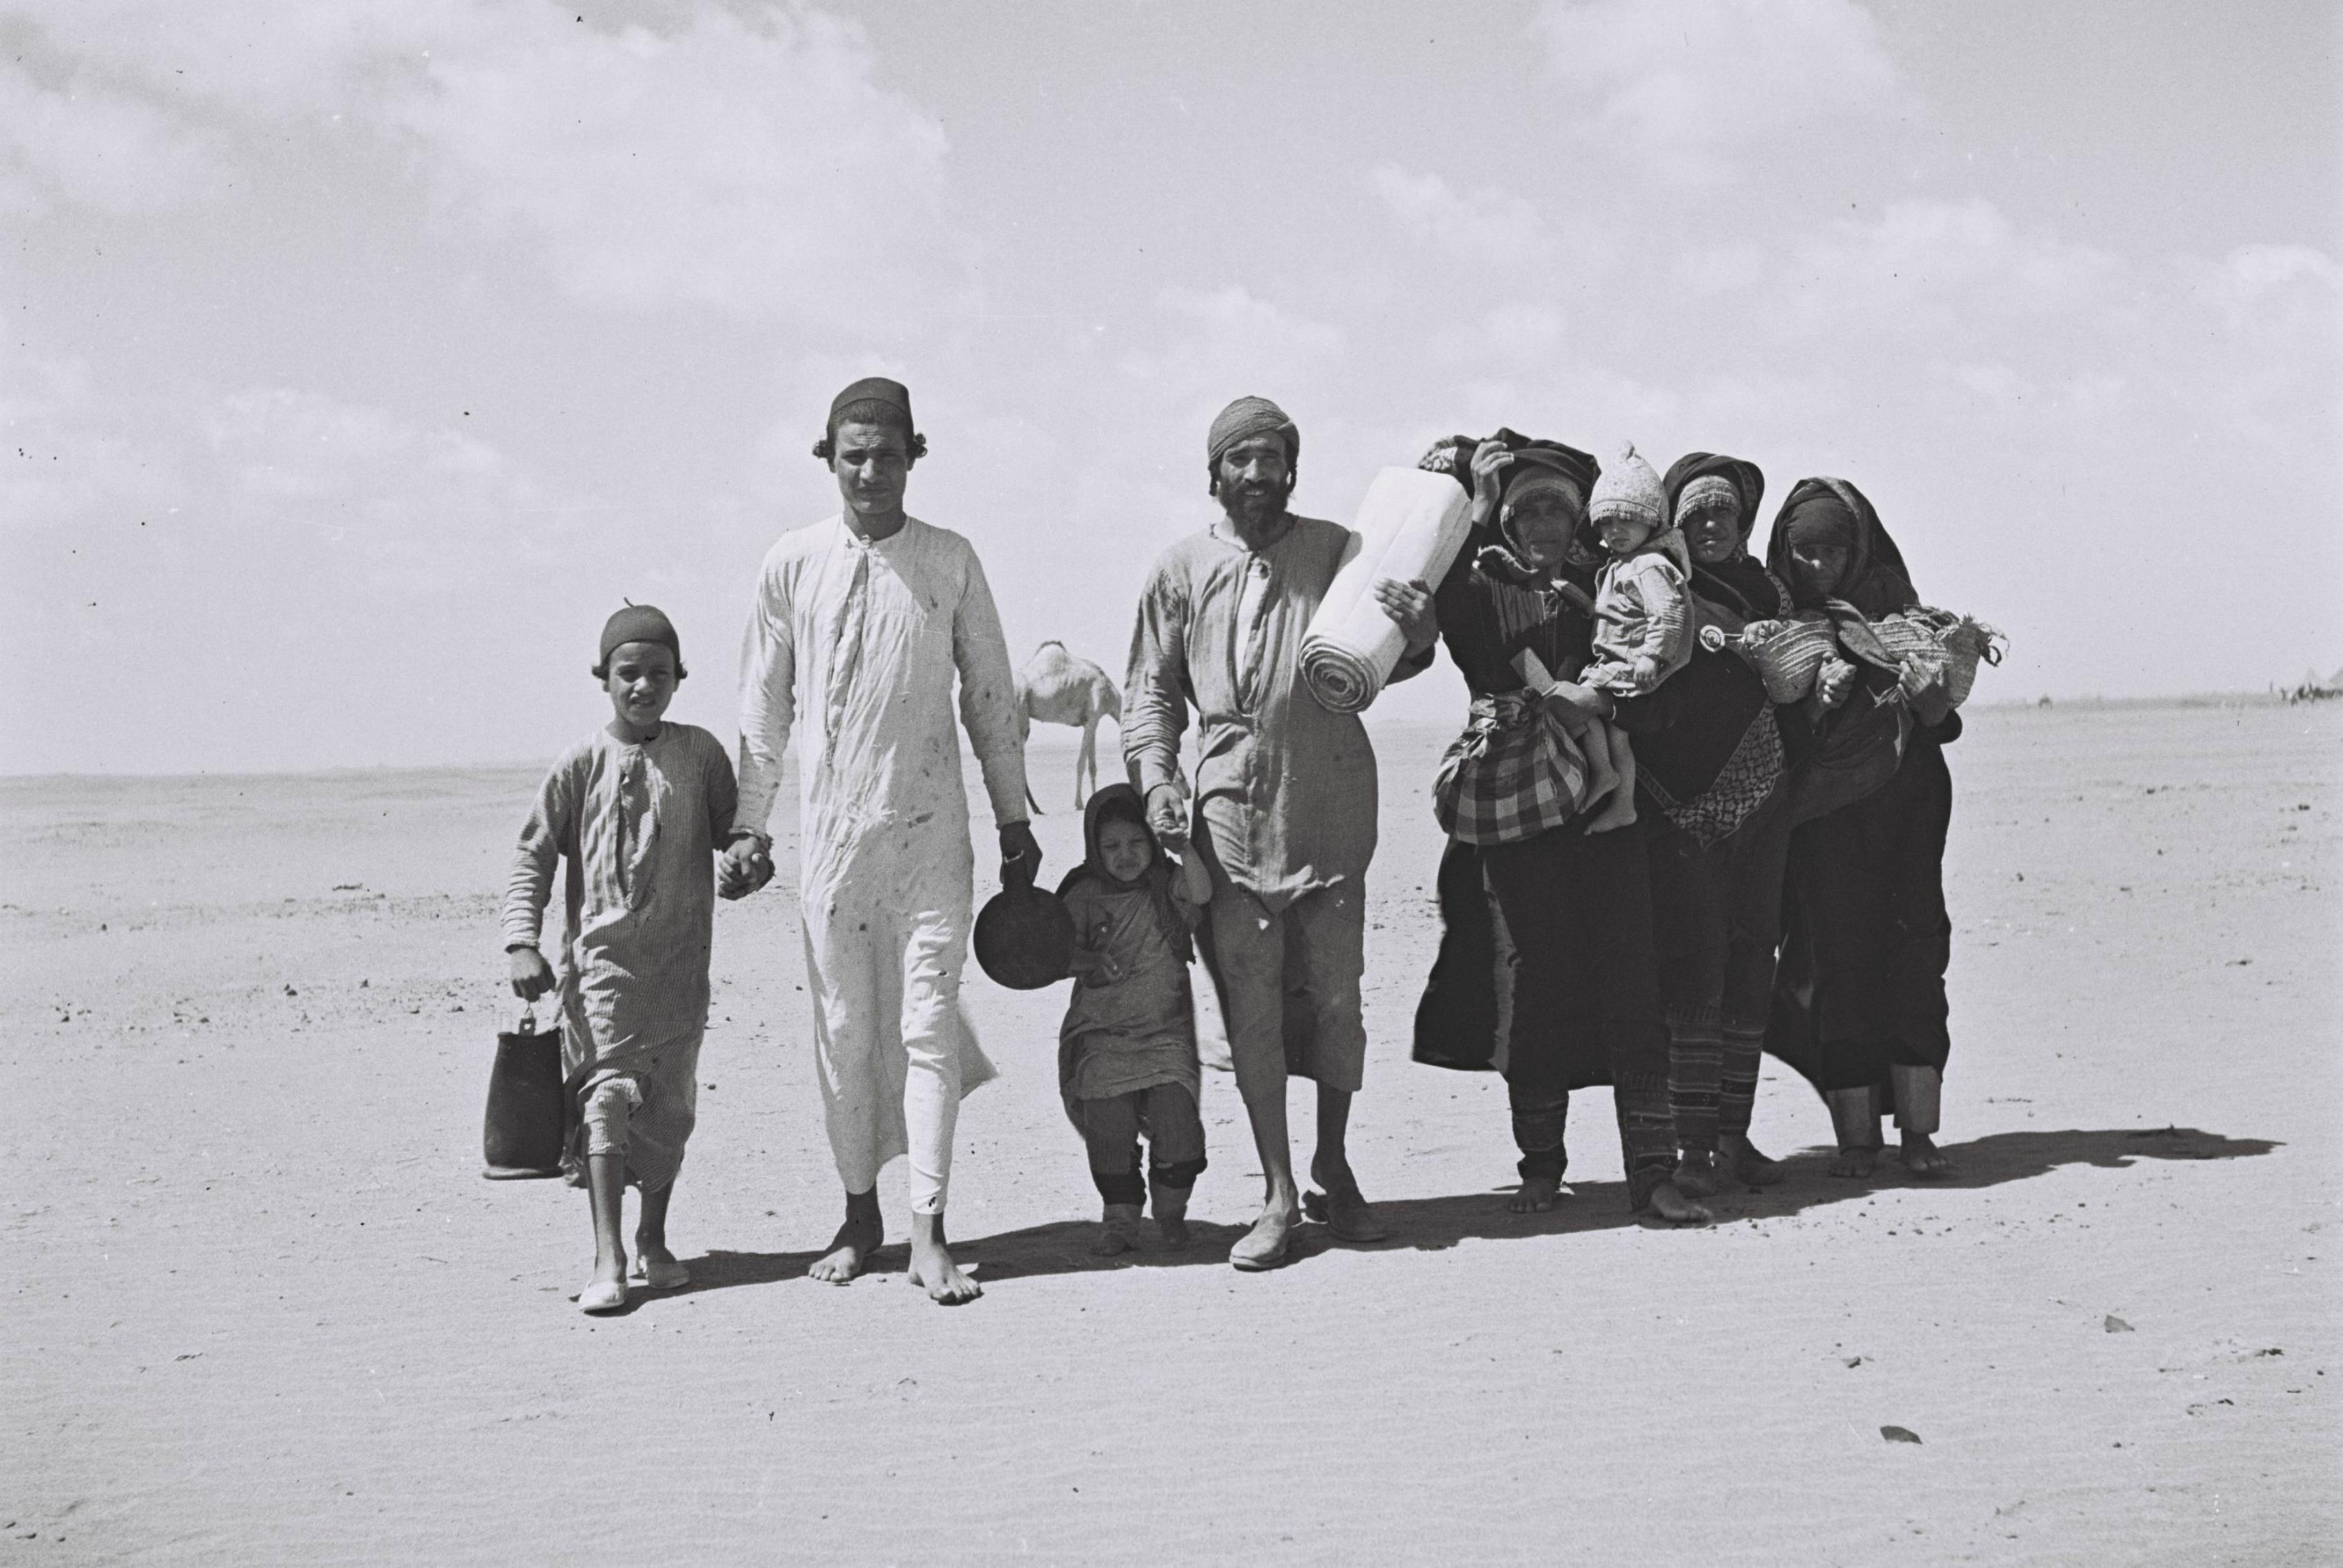 Operation Magic Carpet (Yemen) - Wikipedia